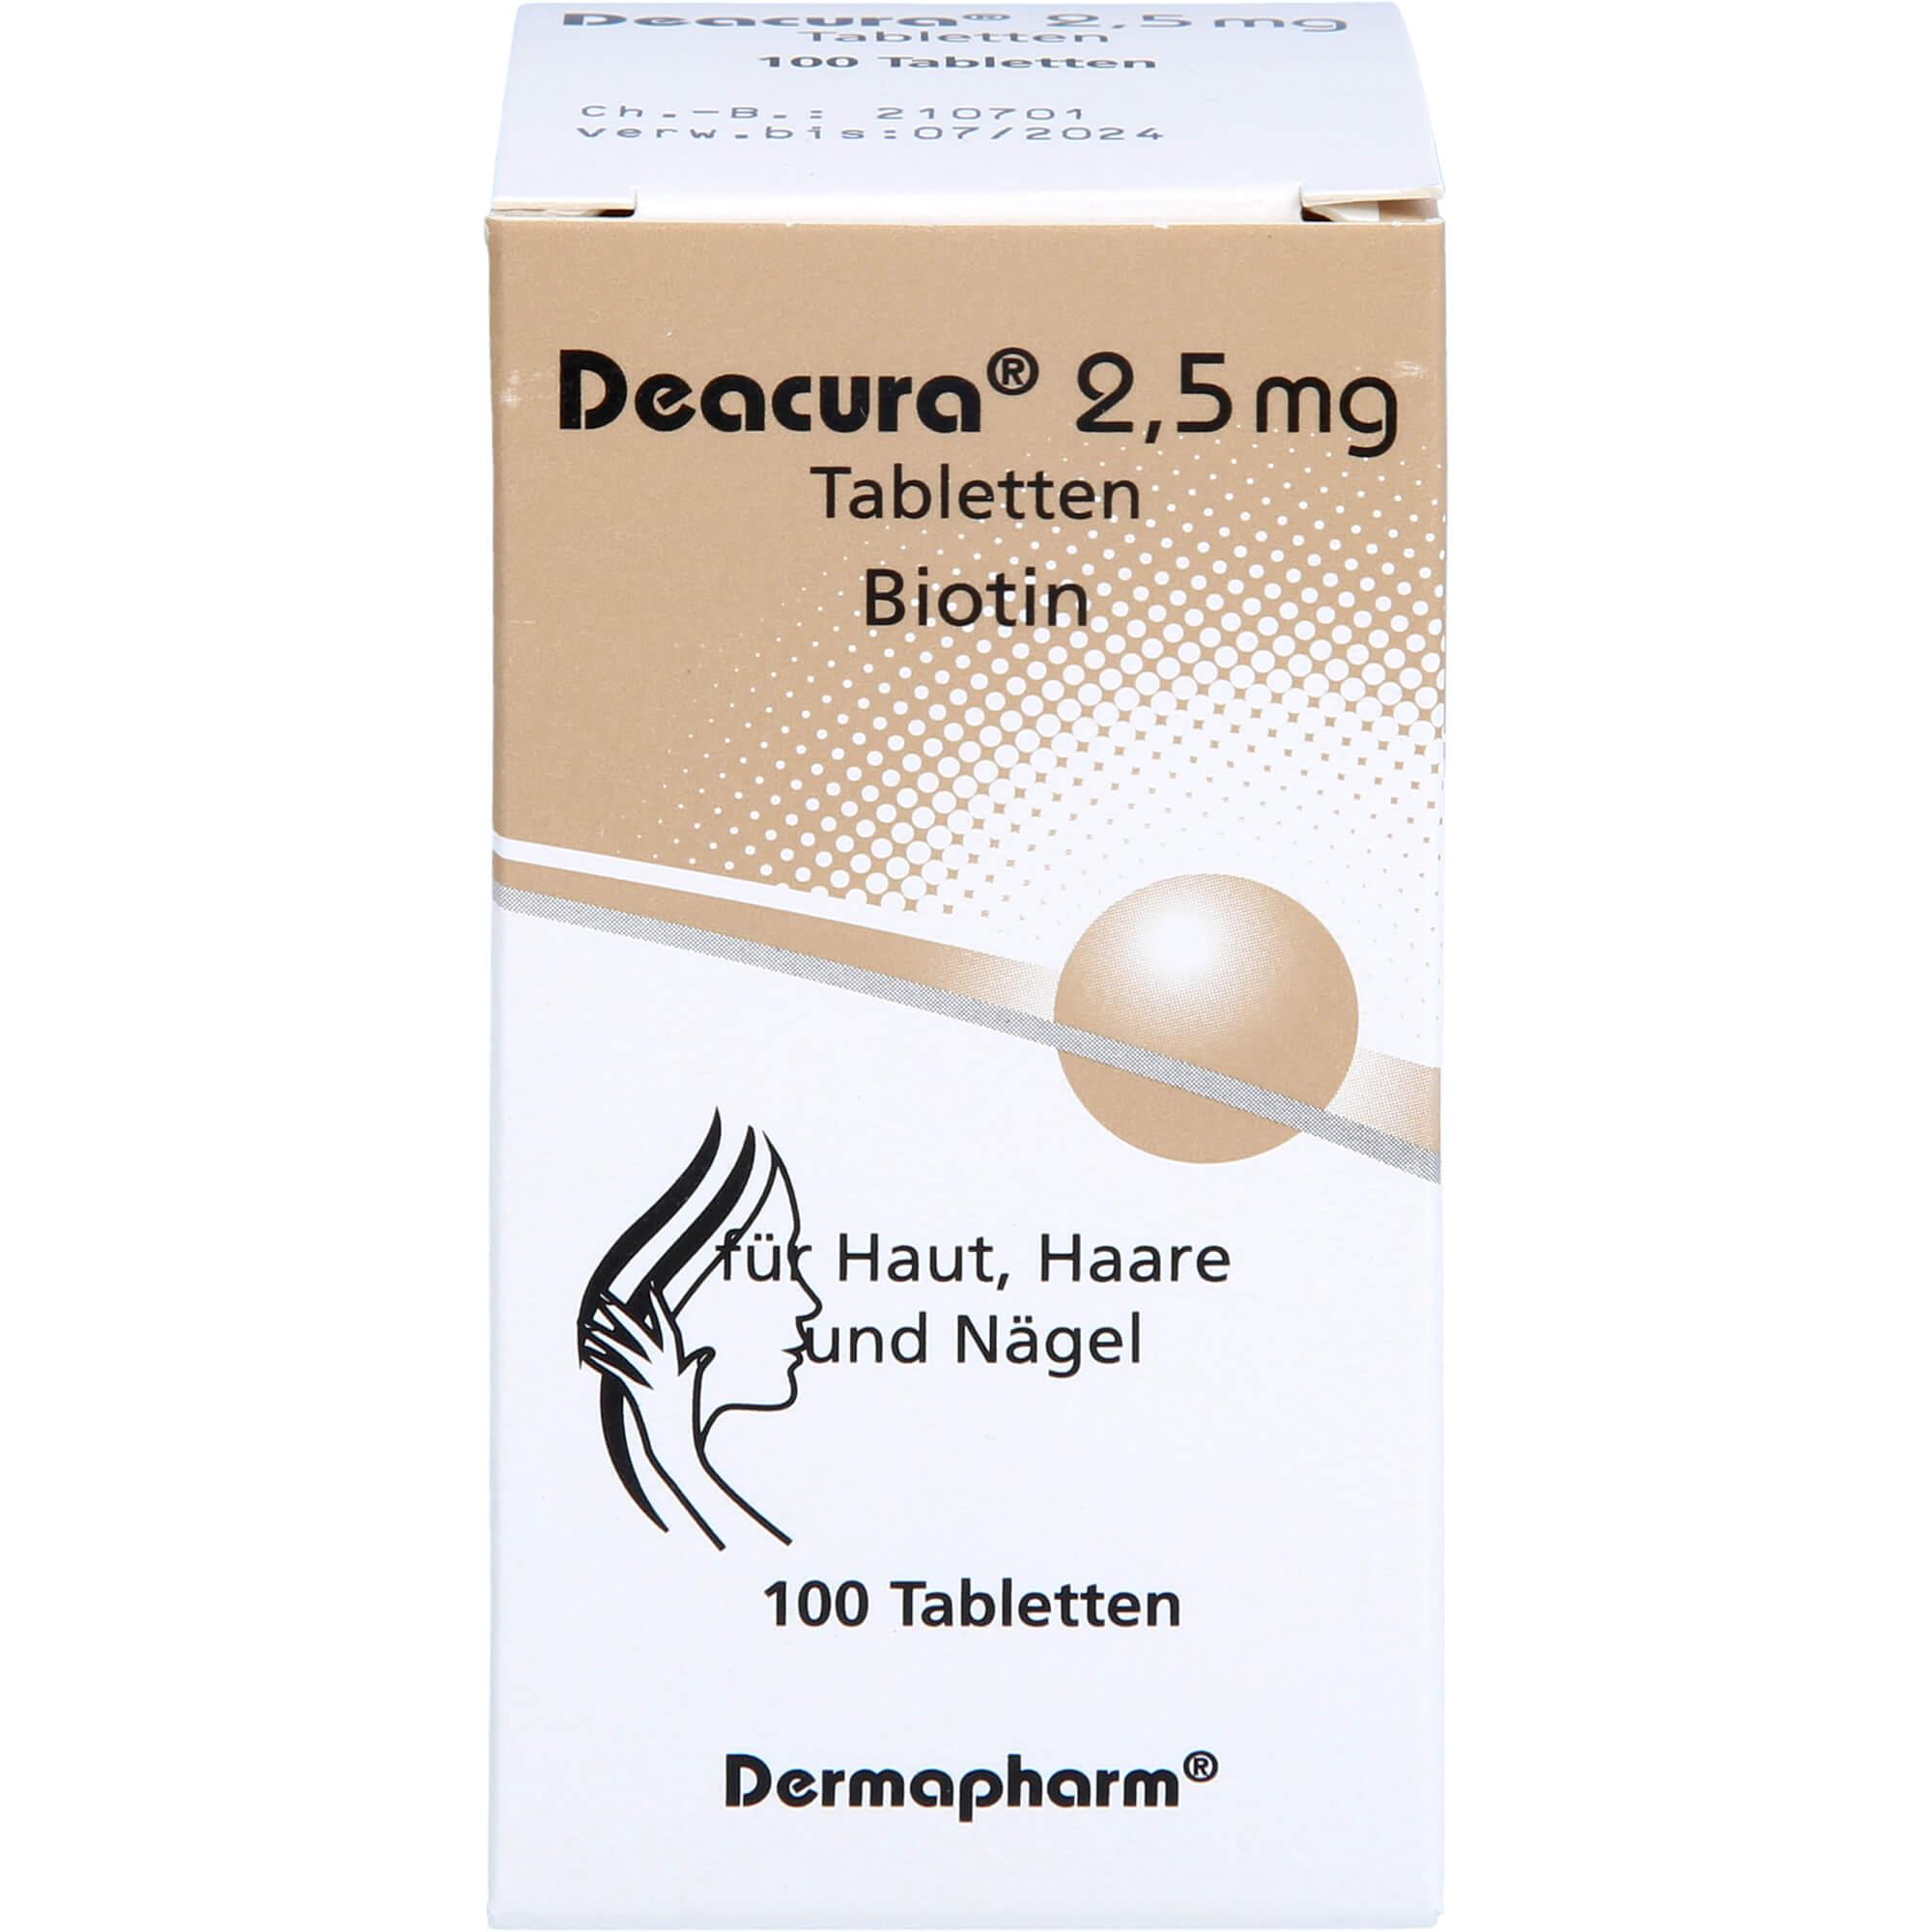 DEACURA-2-5-mg-Tabletten